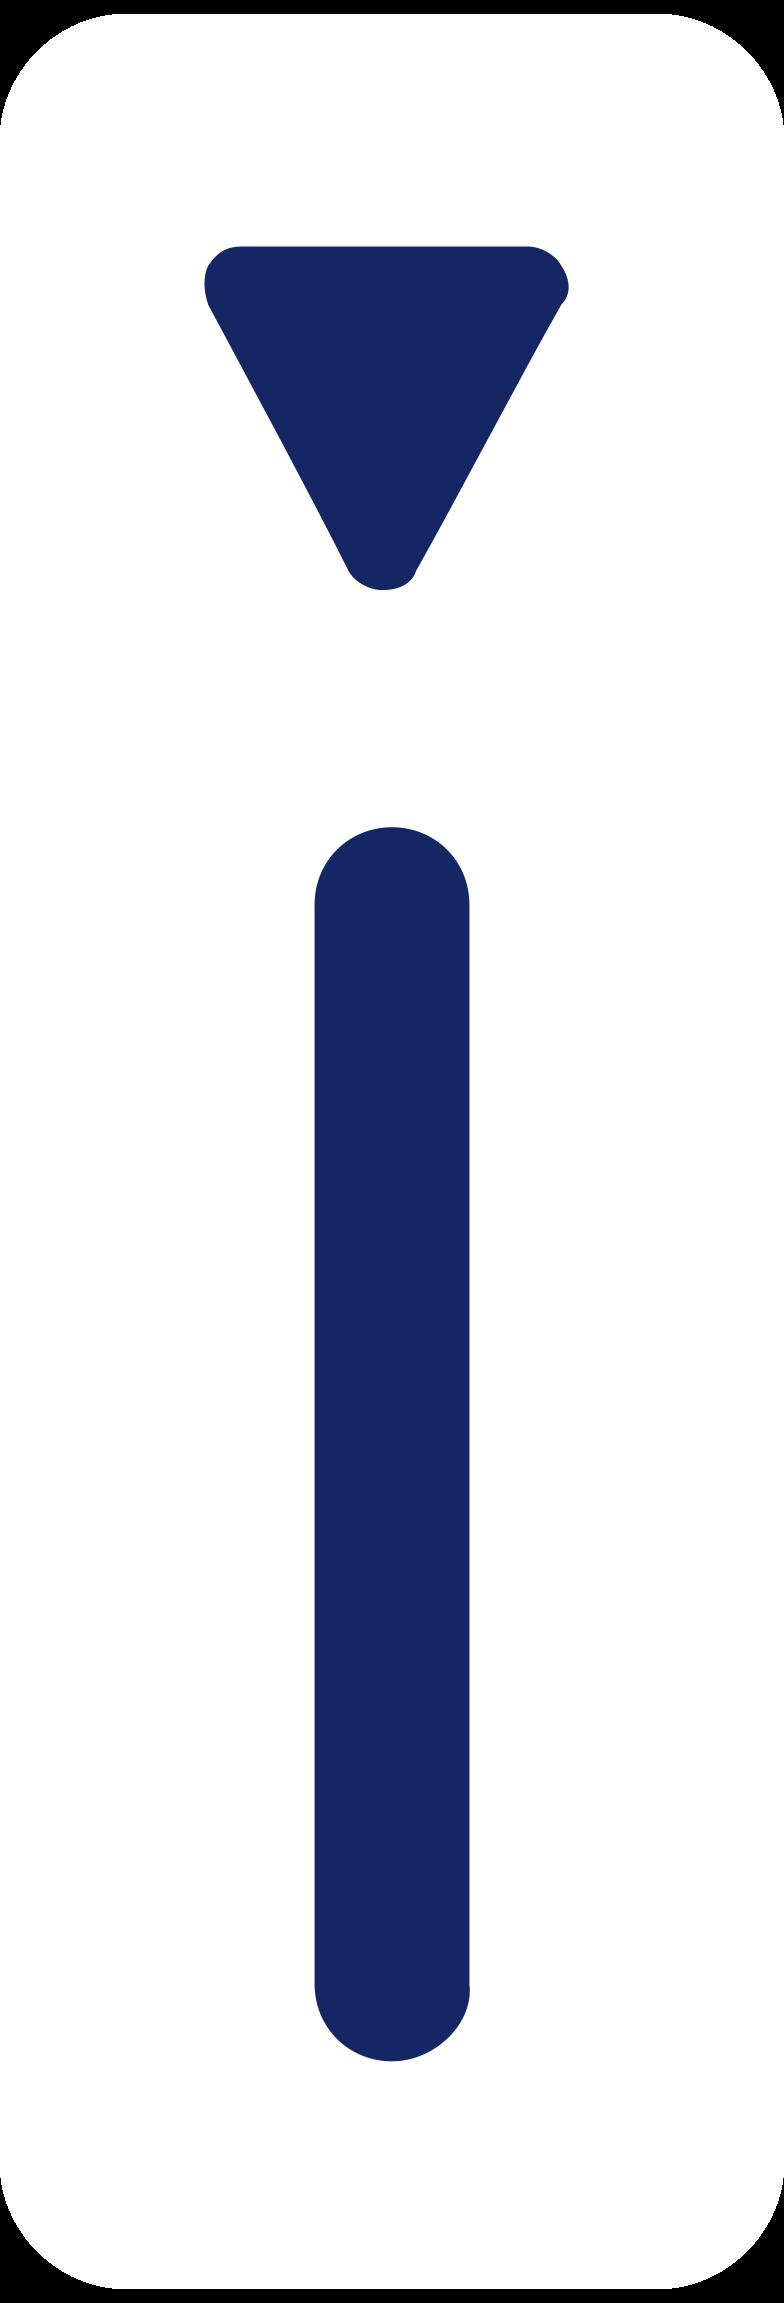 card slot Clipart illustration in PNG, SVG